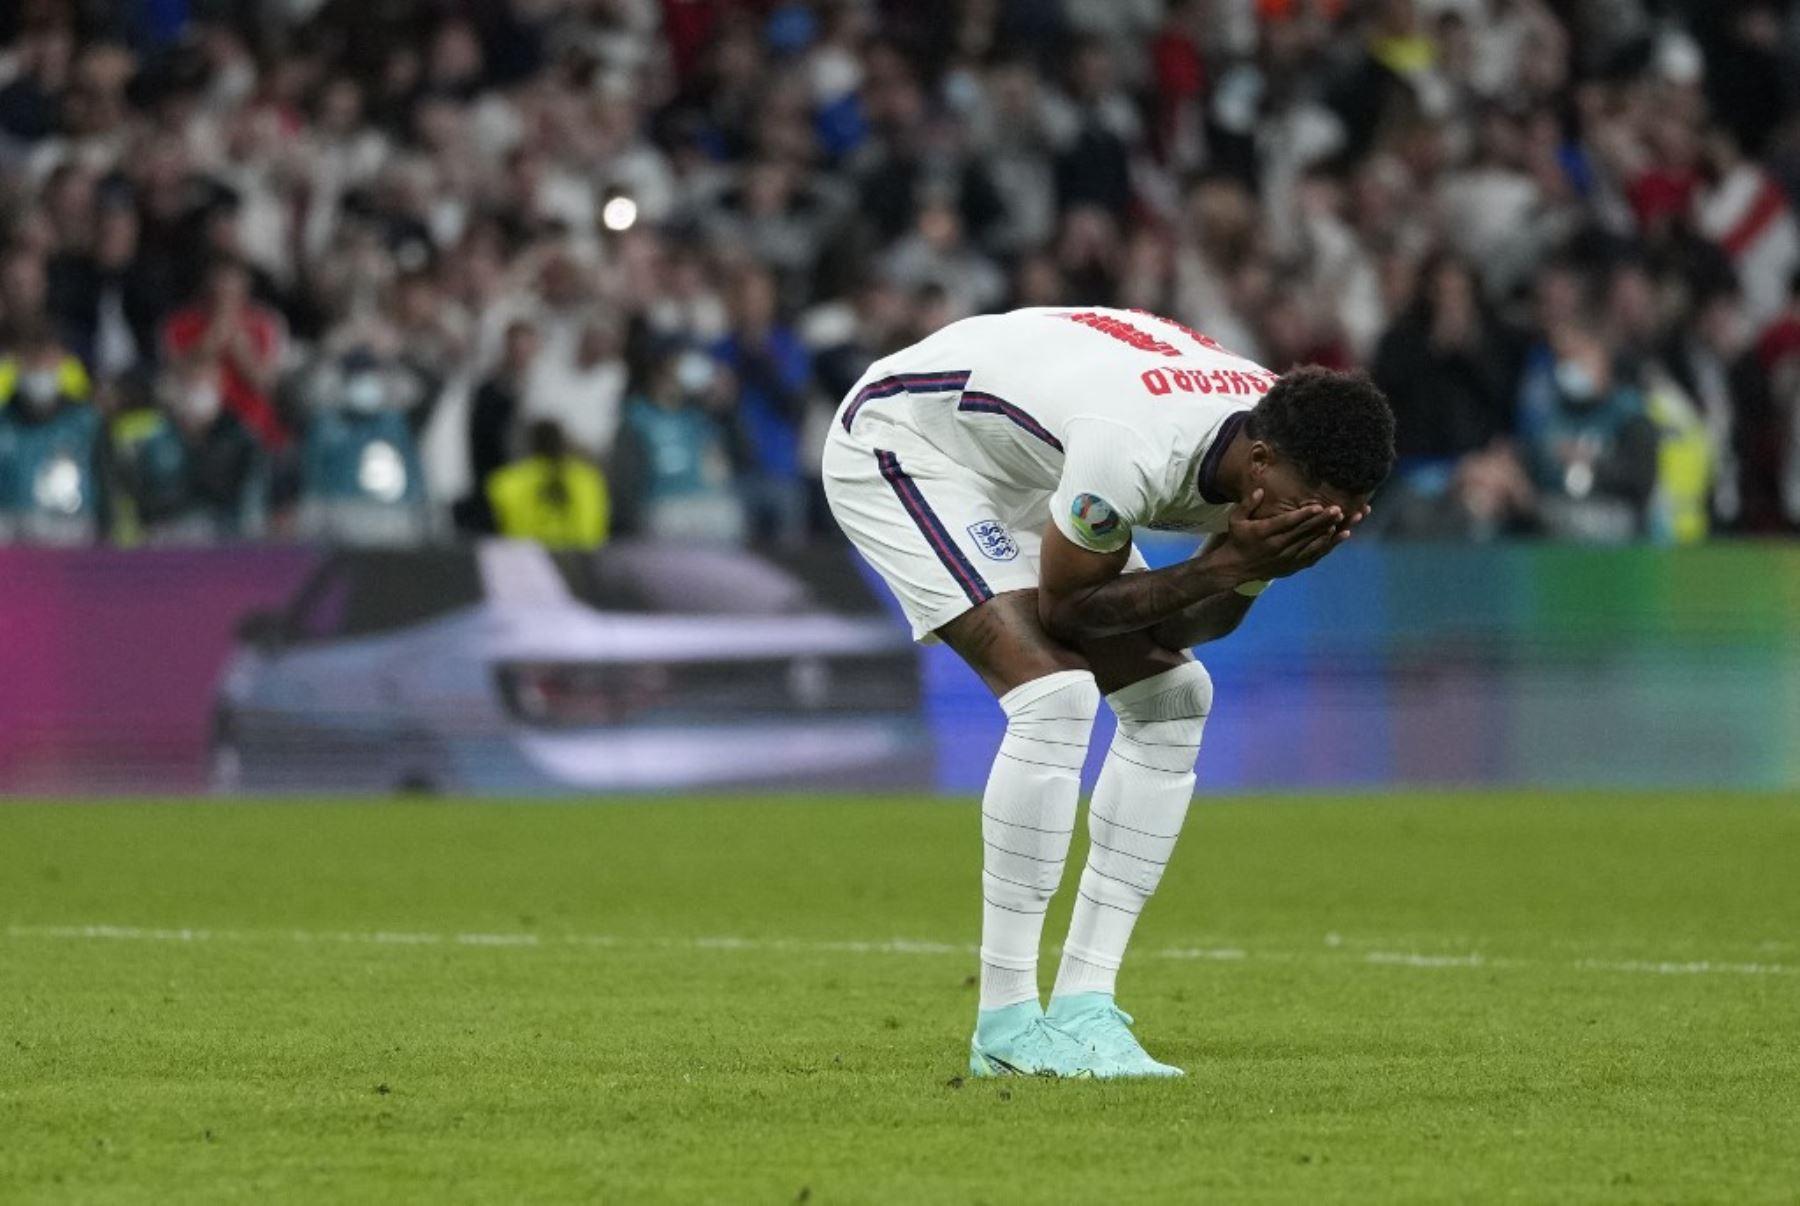 Racismo y vandalismo tras la final sumen a Inglaterra en la vergüenza